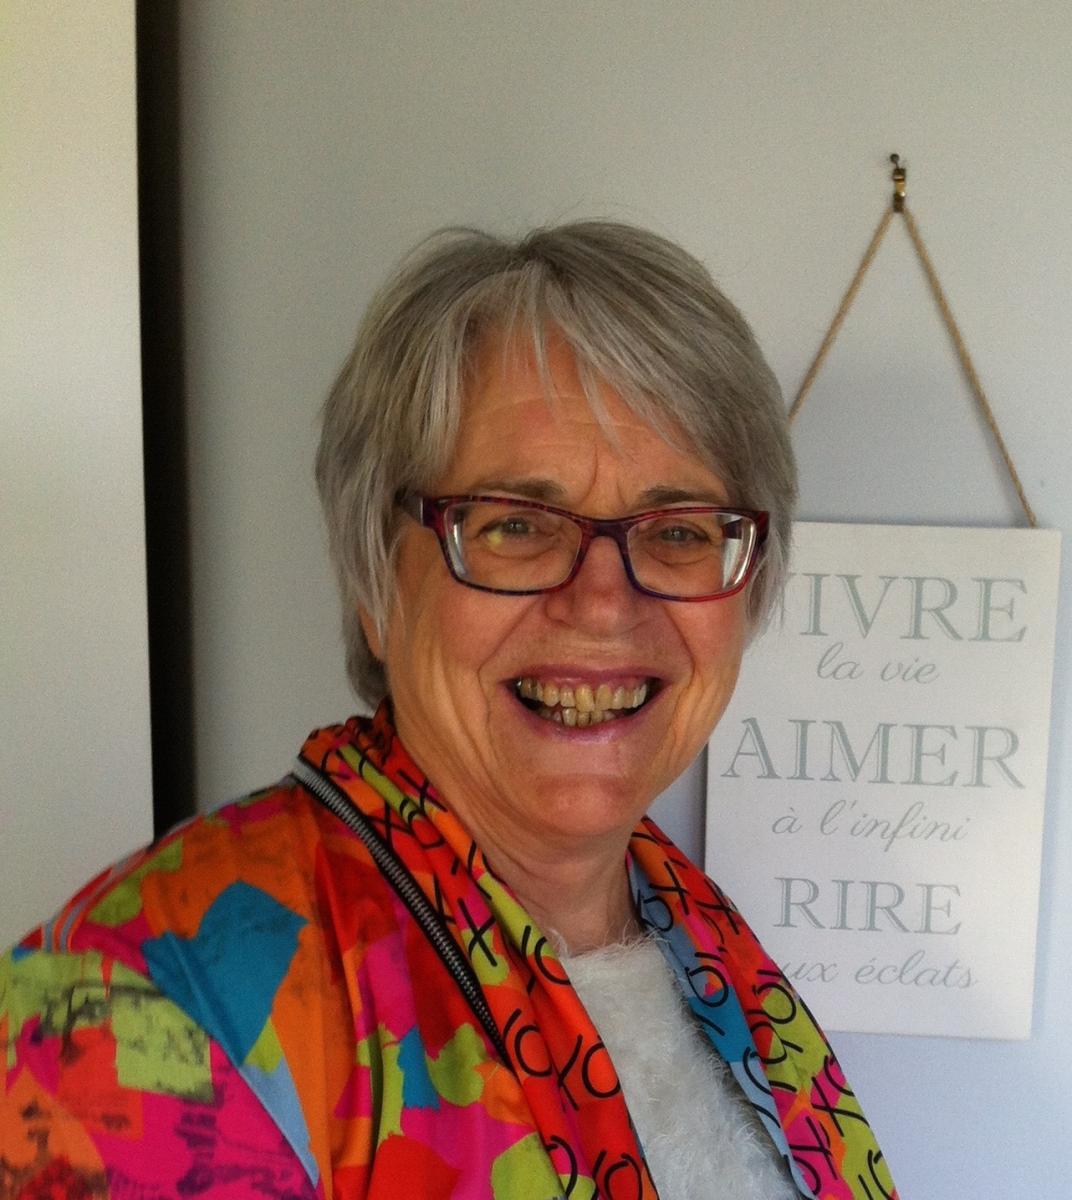 Maria Loire